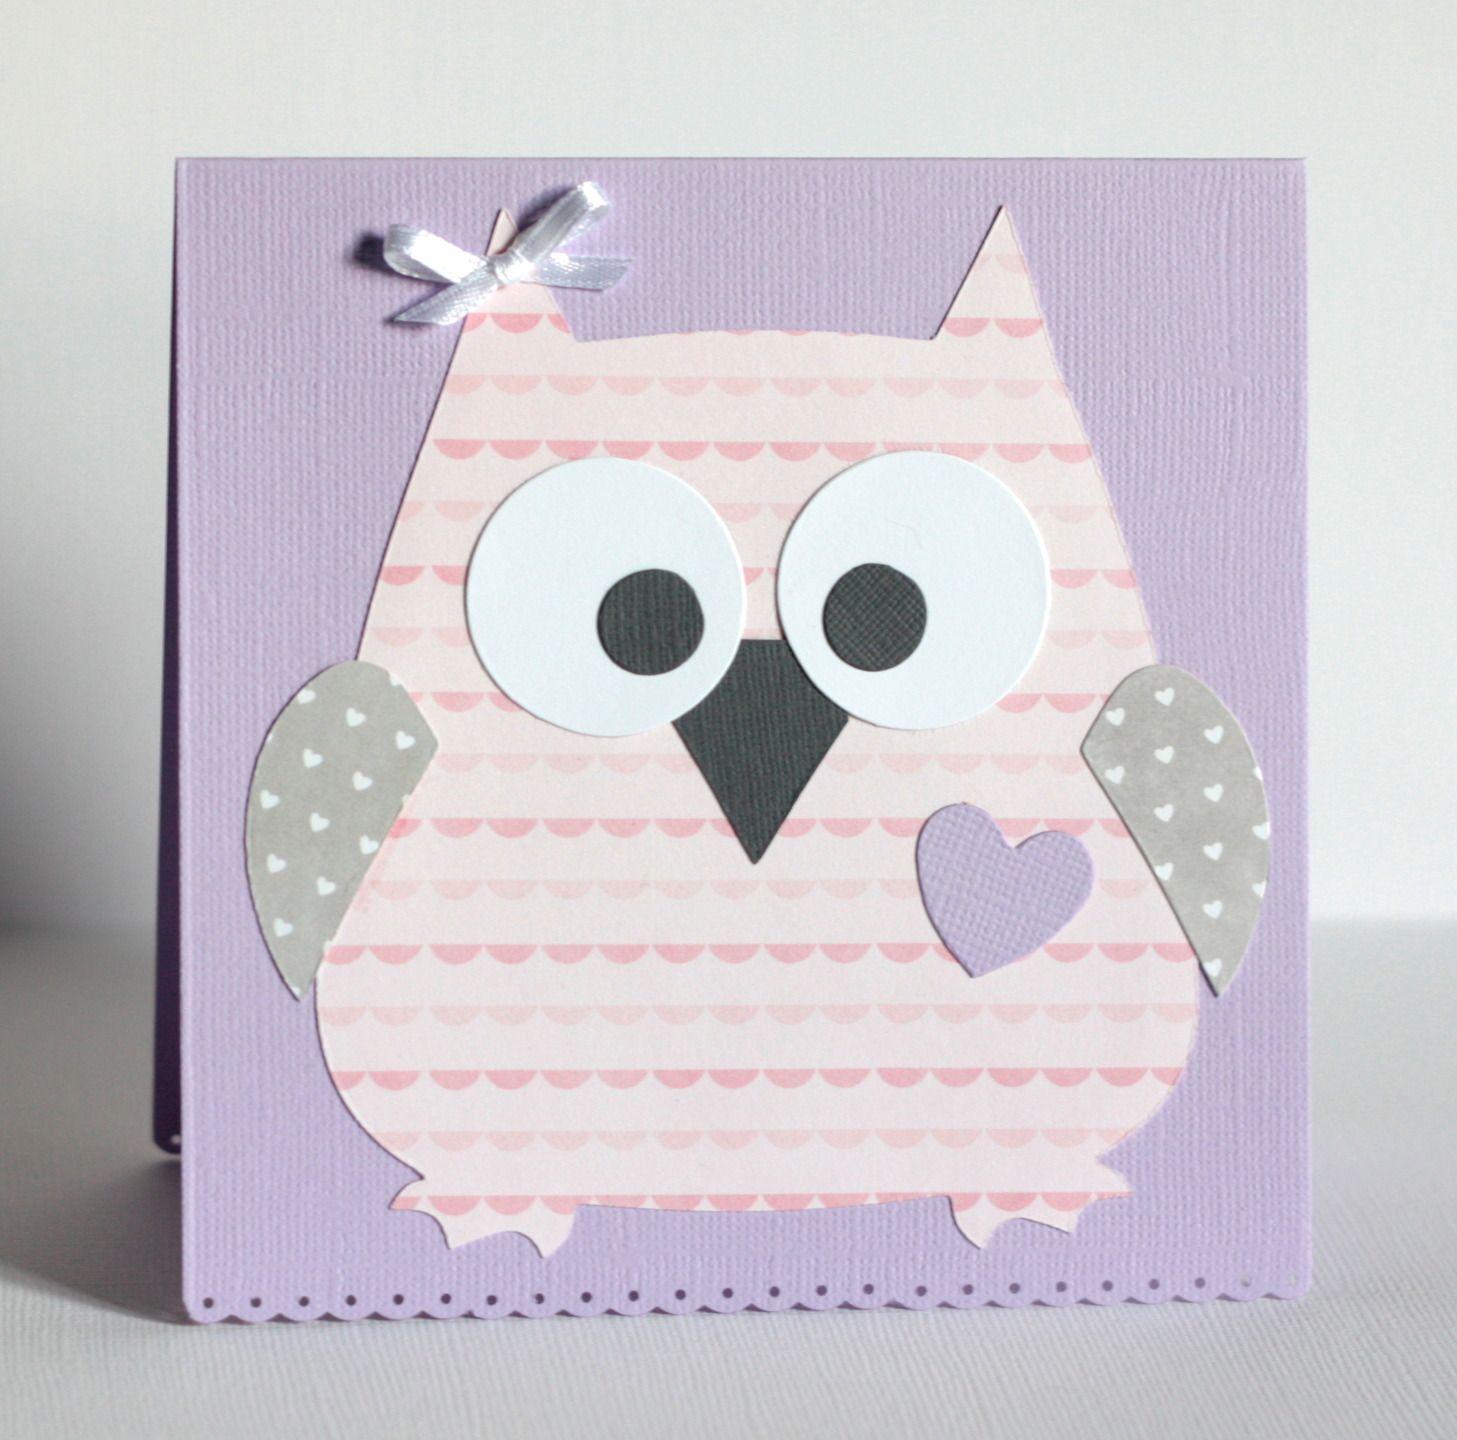 Carte hibou pour f licitations naissance ou anniversaire petite fille parme gris rose - Carte anniversaire petite fille ...